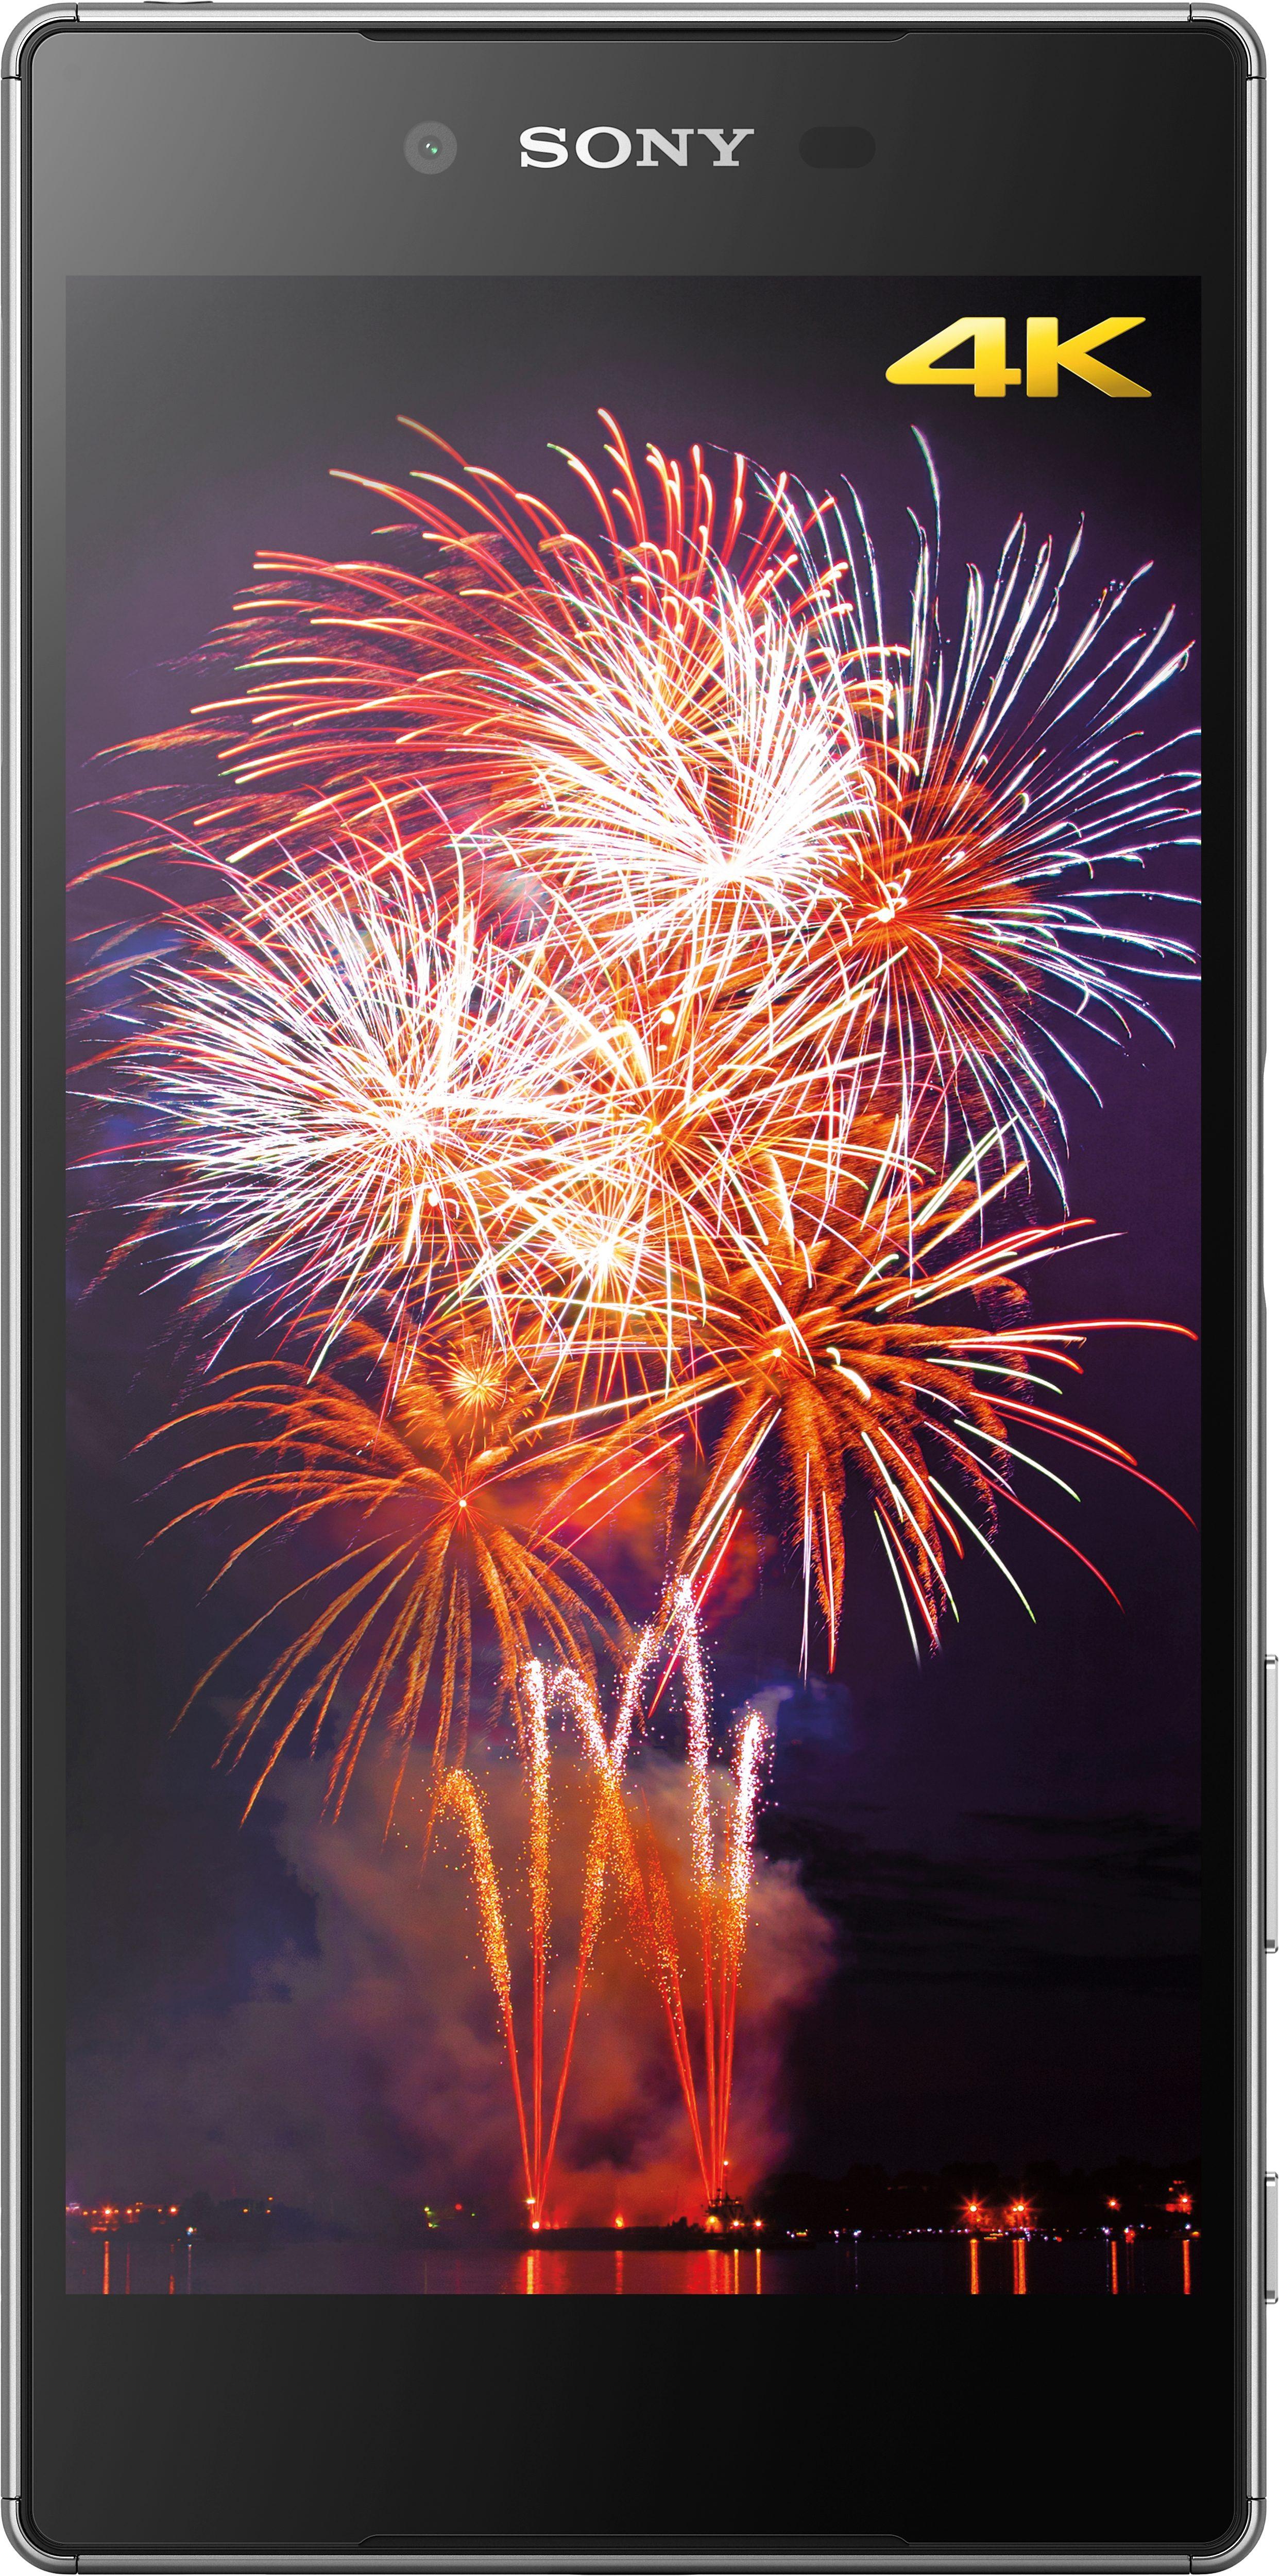 Sony Xperia Z5 Premium Smartphone, 13,9 cm (5,5 Zoll) 4K Display, LTE (4G), mit 3 Jahren Garantie